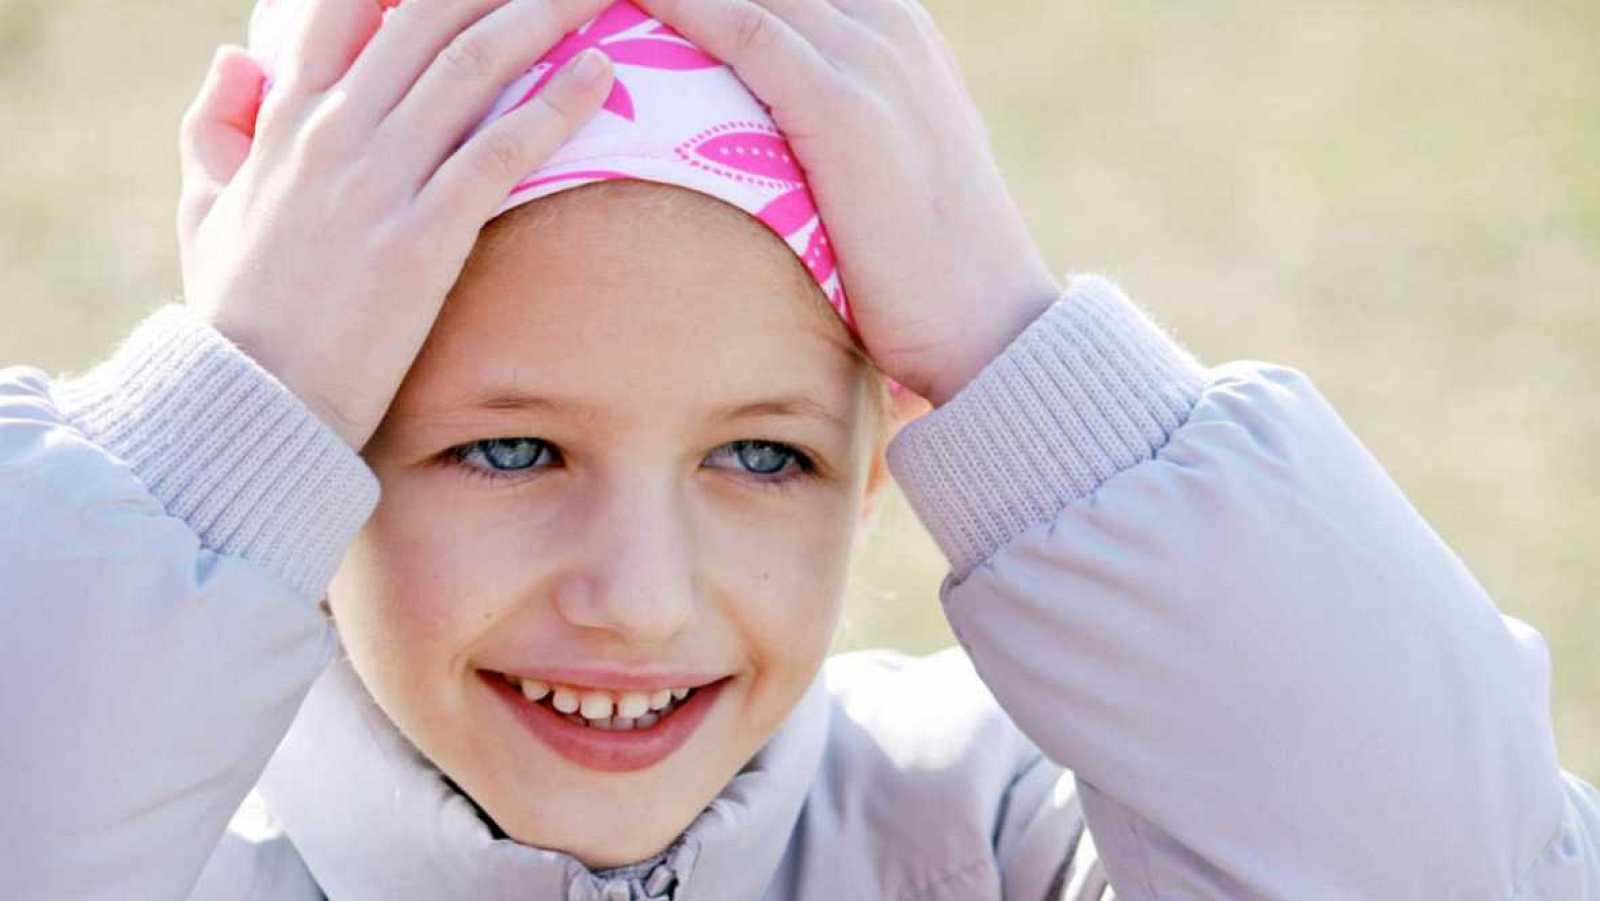 Nace el primer registro de supervivientes de larga duración de cáncer infantil en España